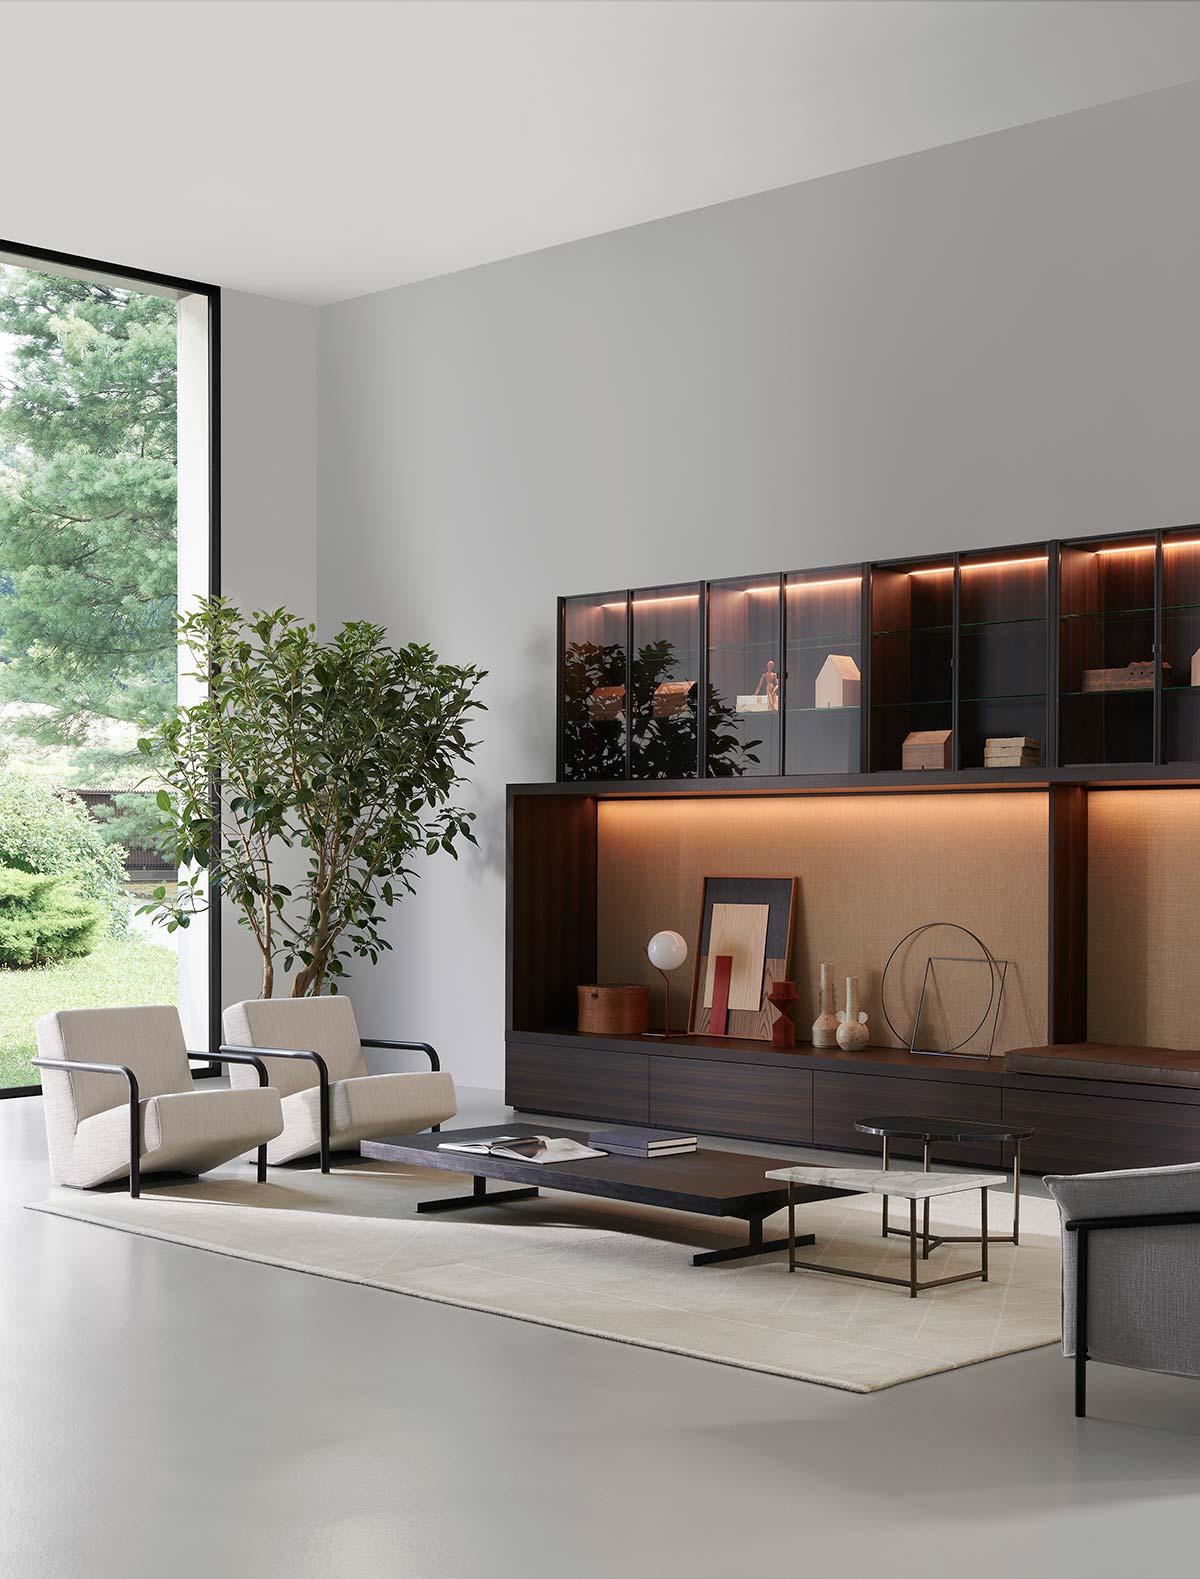 System by Porro, Design Piero Lissoni & CRS Porro